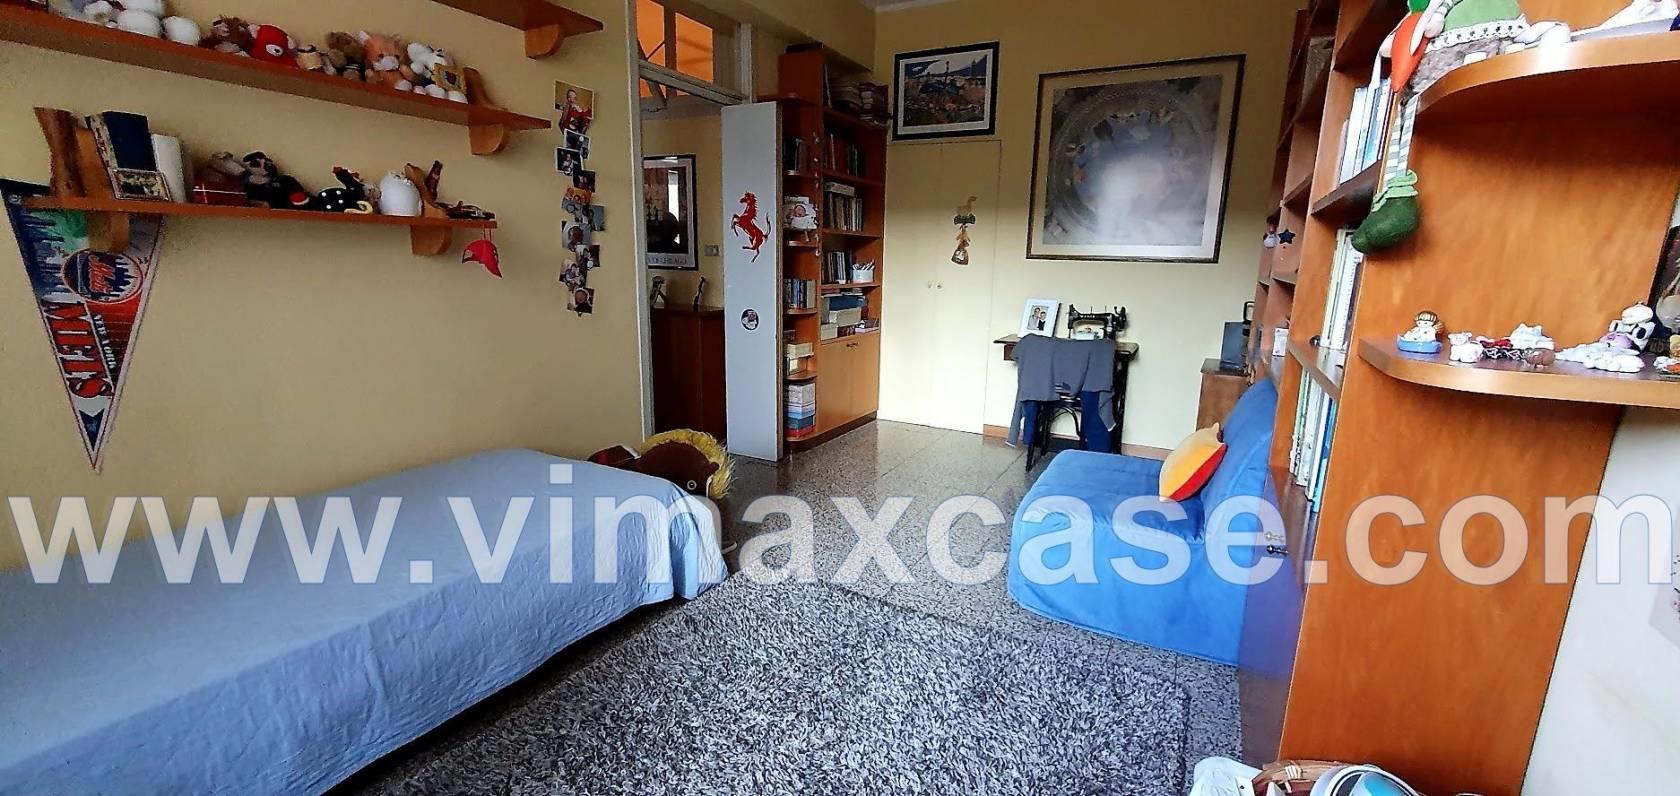 Foto 8 - Appartamento in Vendita - Brugherio (Monza e Brianza)